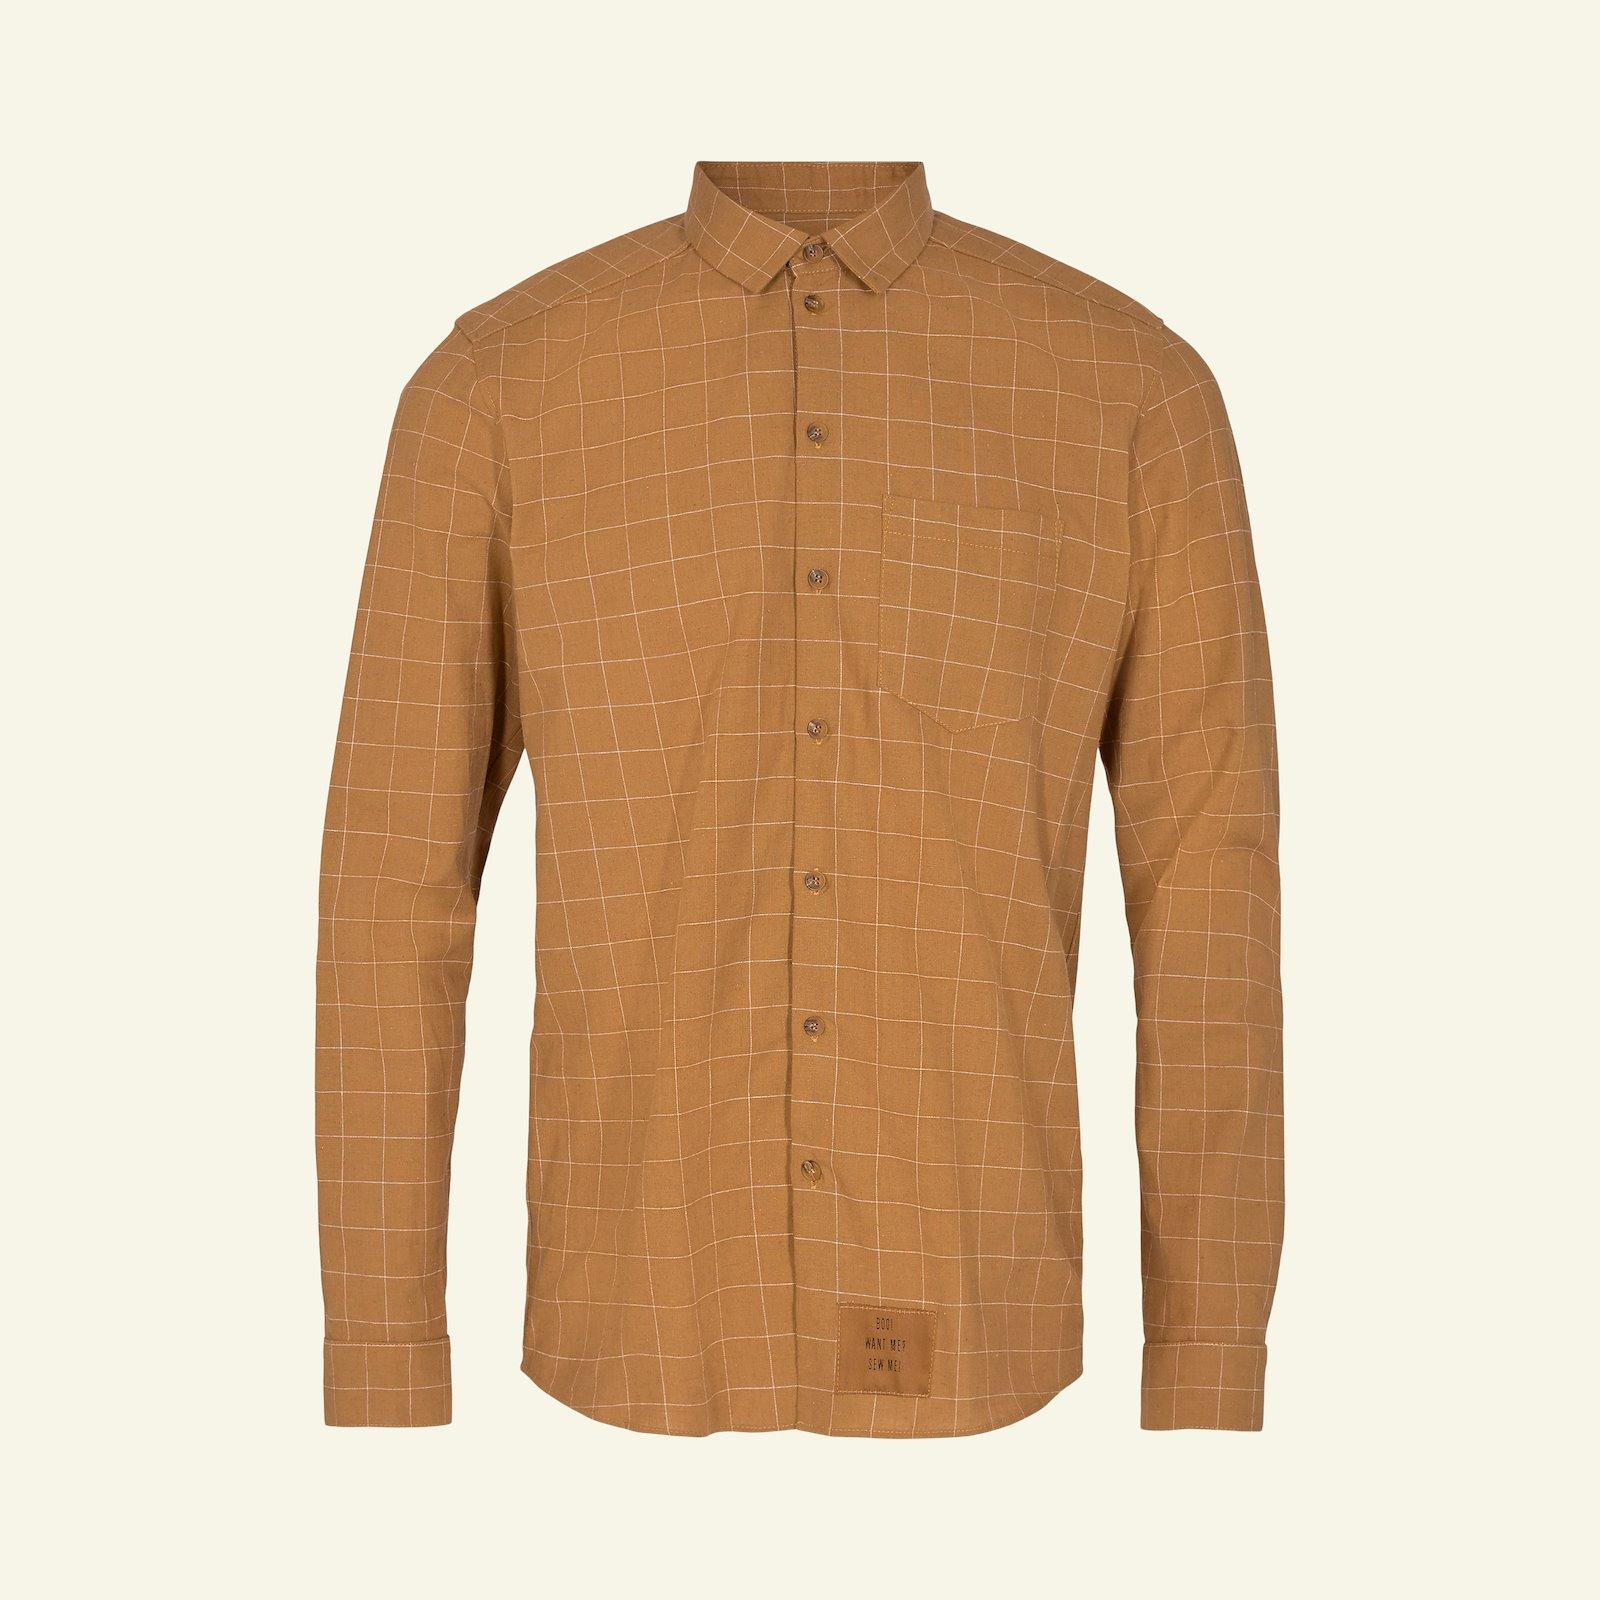 Shirt, XL p87001_816178_33044_26542_sskit